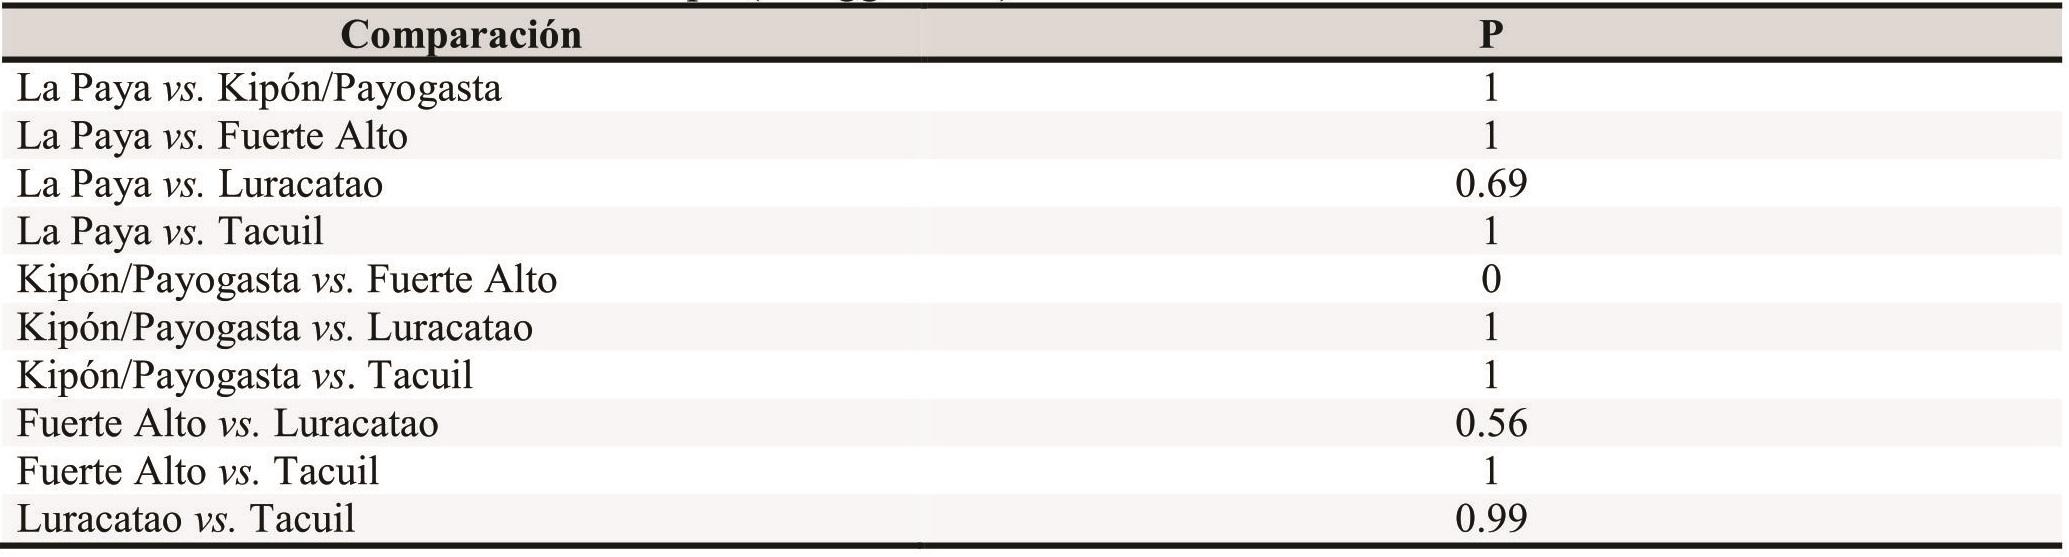 Comparación estadística de frecuencias de trauma entre los asentamientos del subgrupo B del Test de Fisher de la muestra del valle Calchaquí (Gheggi 2016).